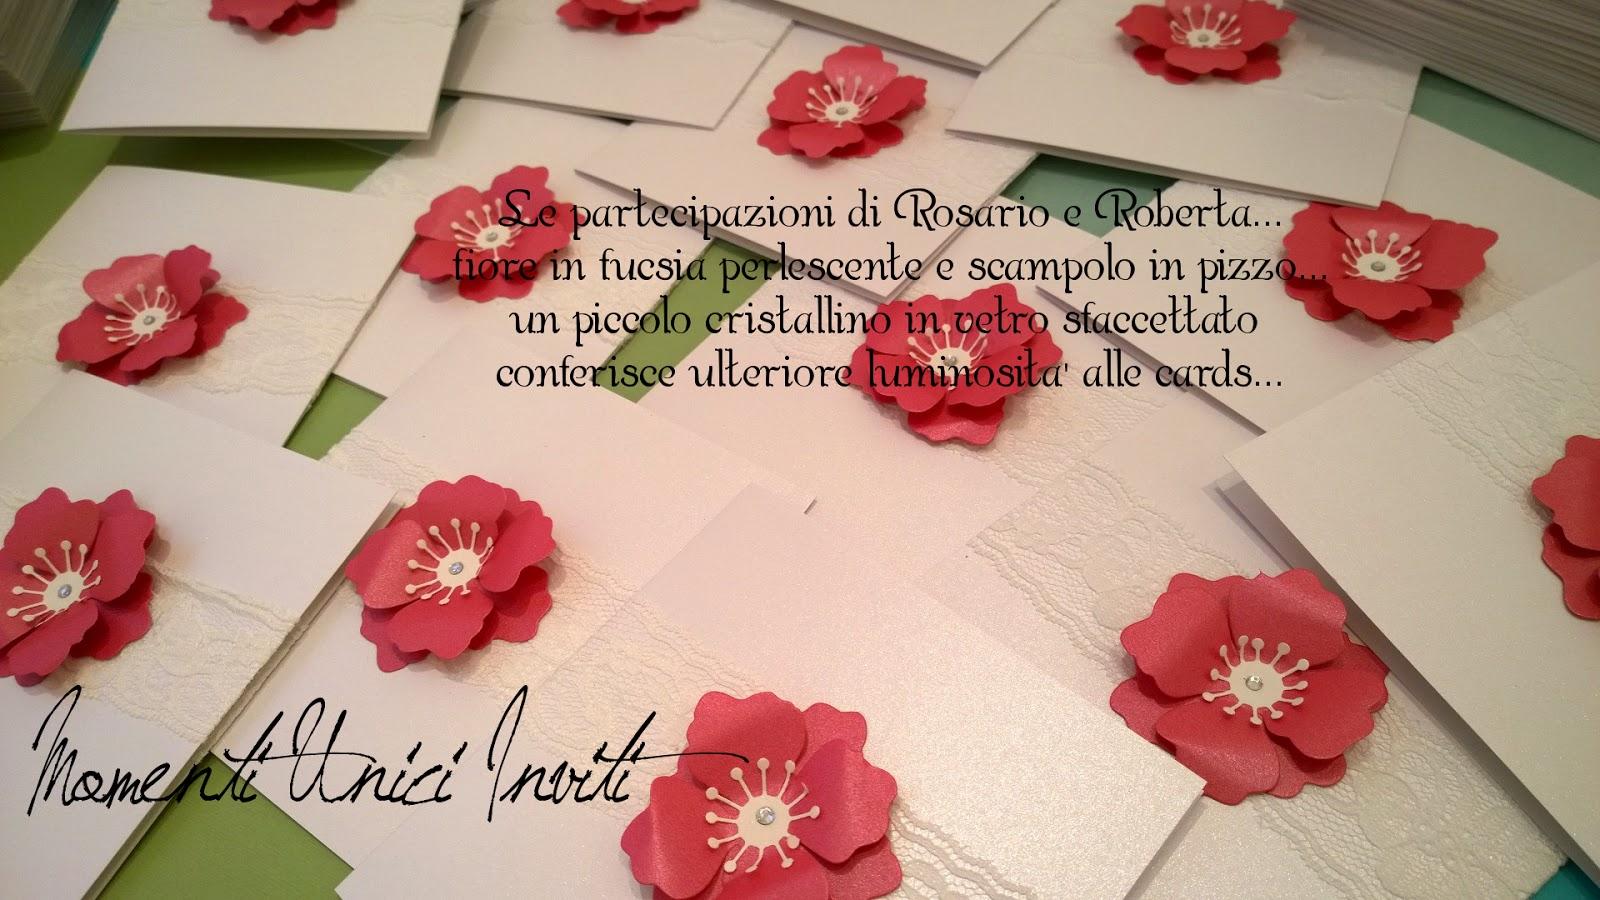 rob Le partecipazioni di Rosario e Roberta... A touch of colorColore Bianco Colore Fucsia Partecipazioni Pizzo